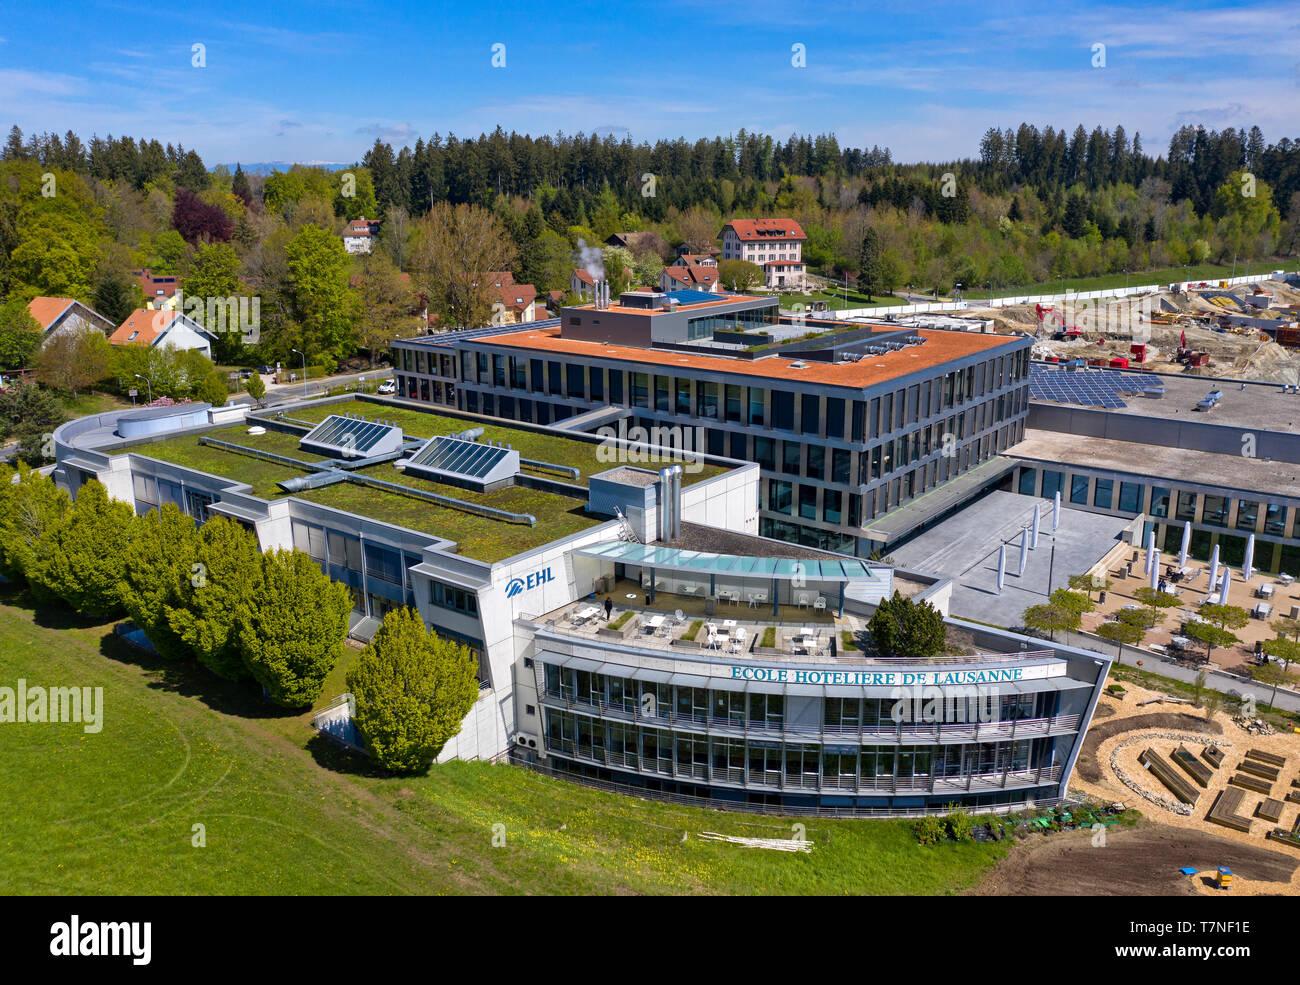 Hospitality Management School École hôtelière de Lausanne (EH1), Losanna, Svizzera Immagini Stock